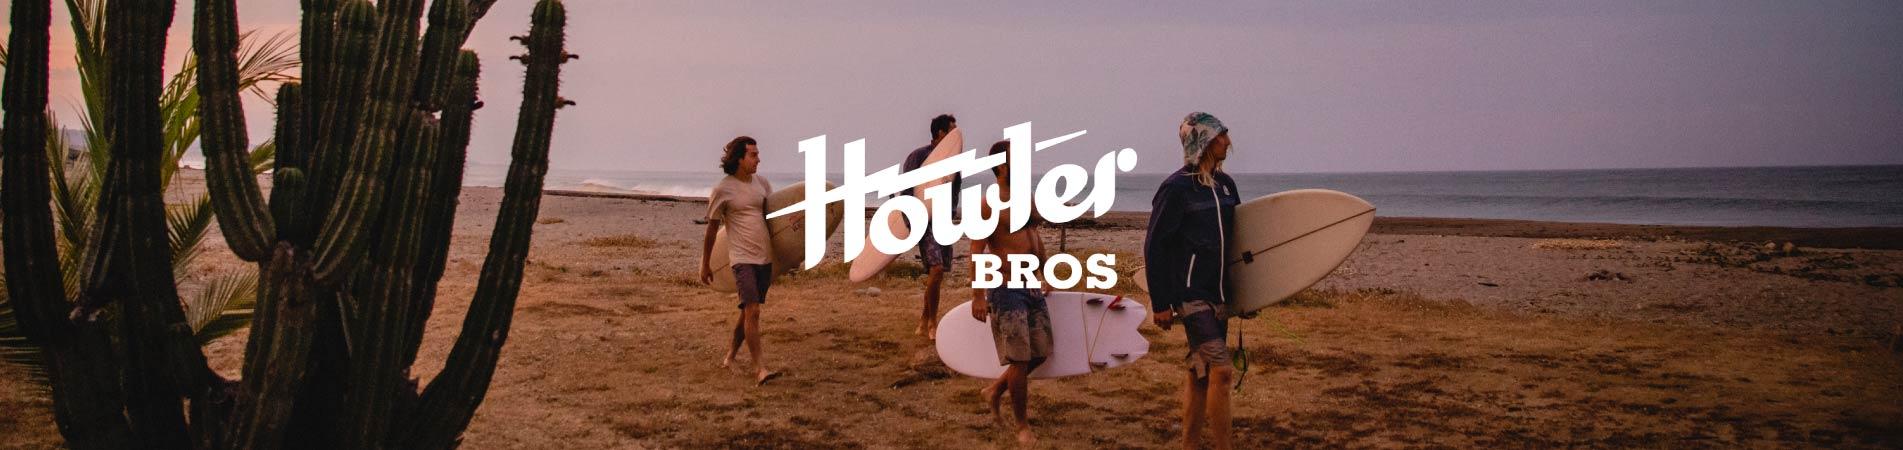 howler-bros-brand-banner-v1r2.jpg